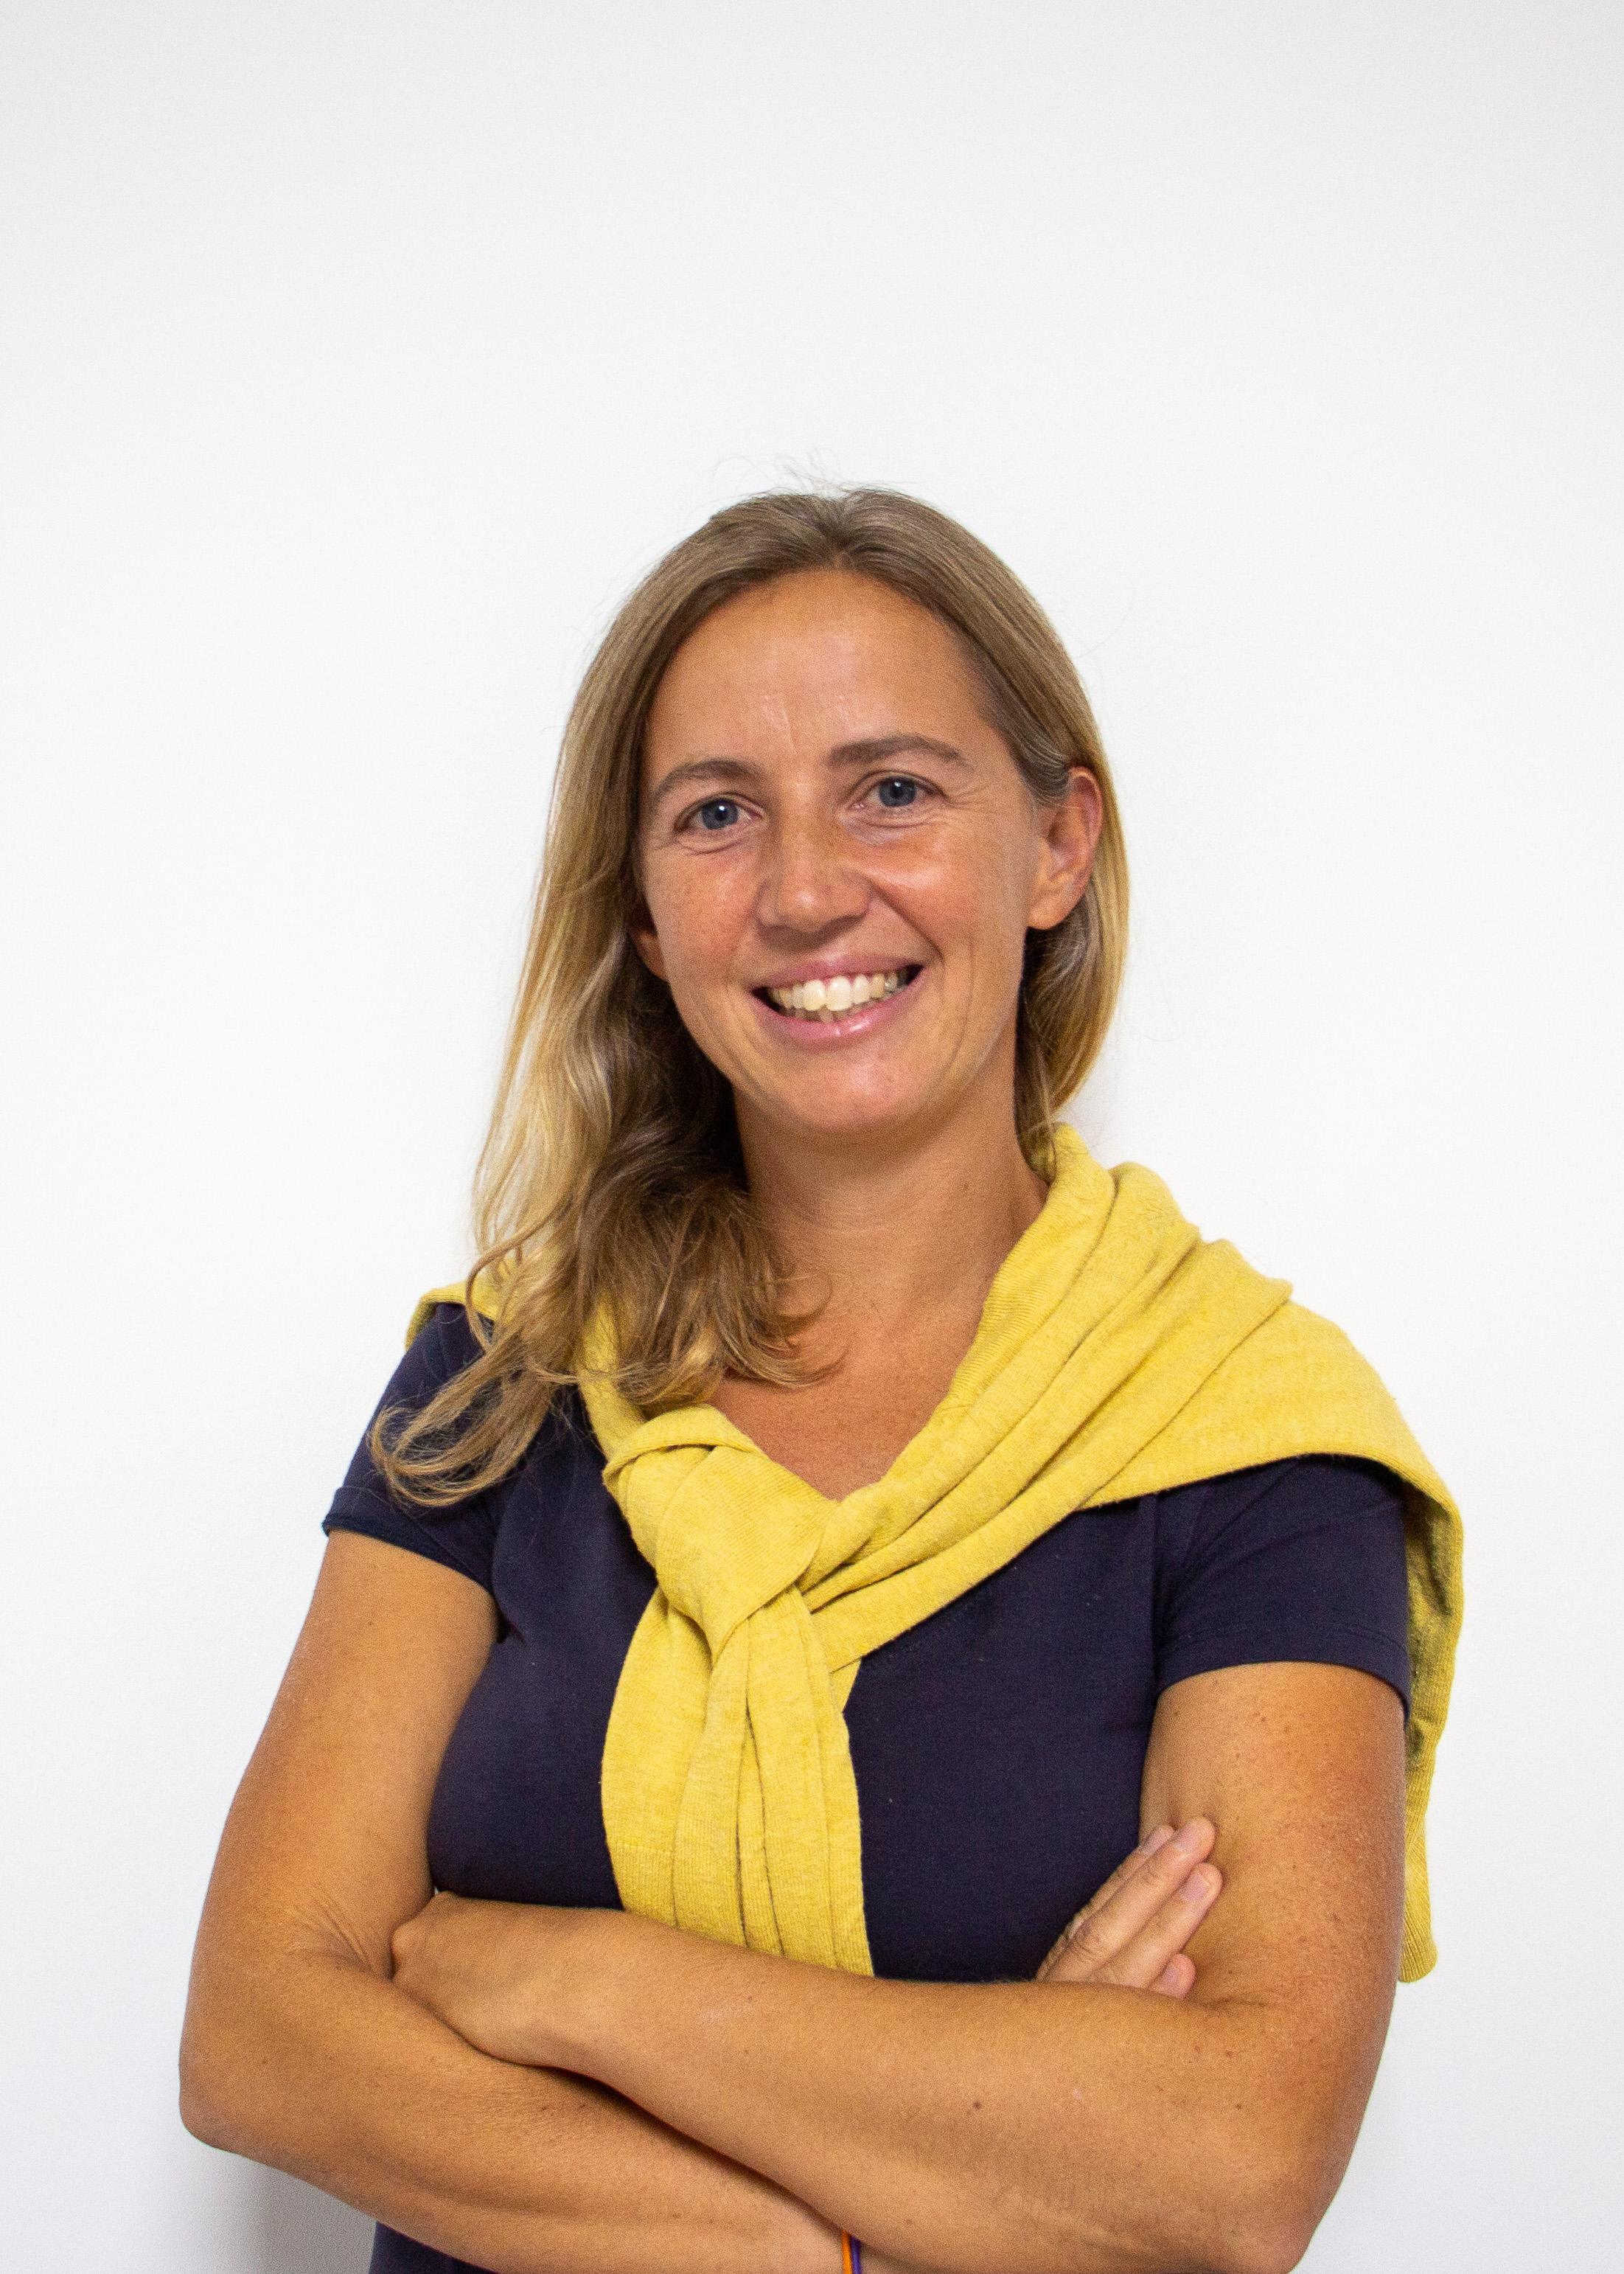 Coralie Steisel